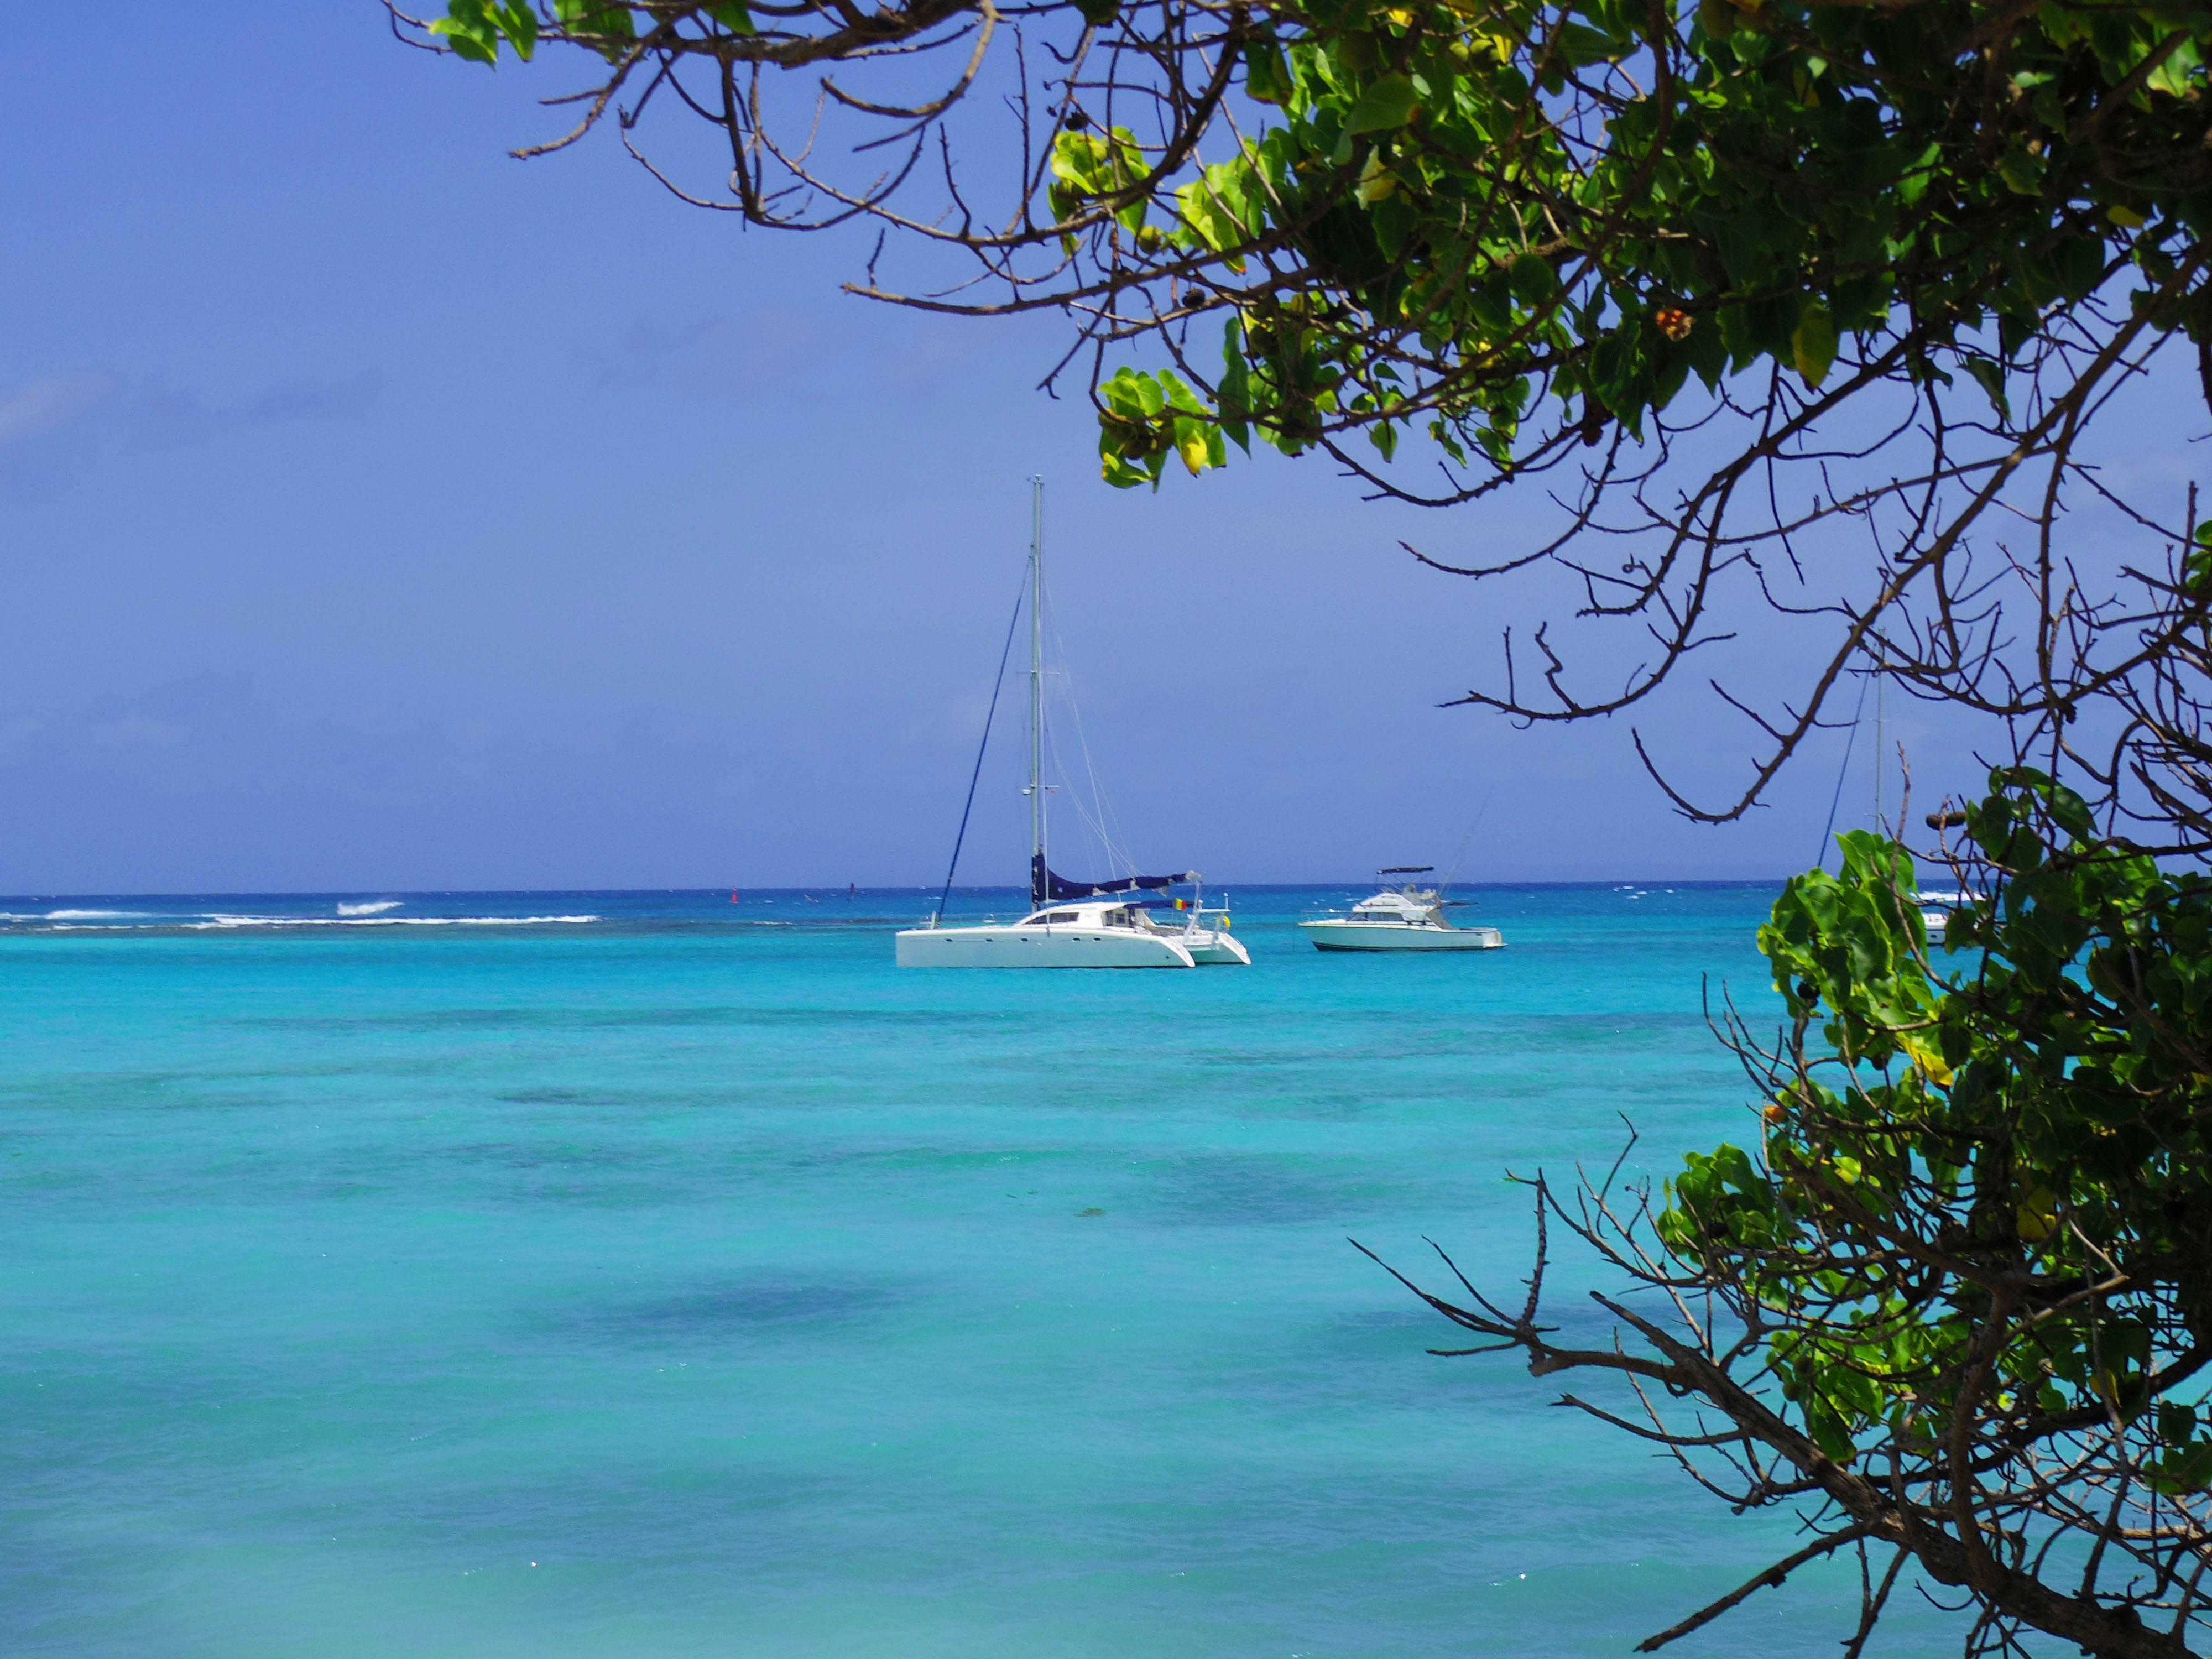 Photo 2: Guadeloupe... Comme dans un rêve !